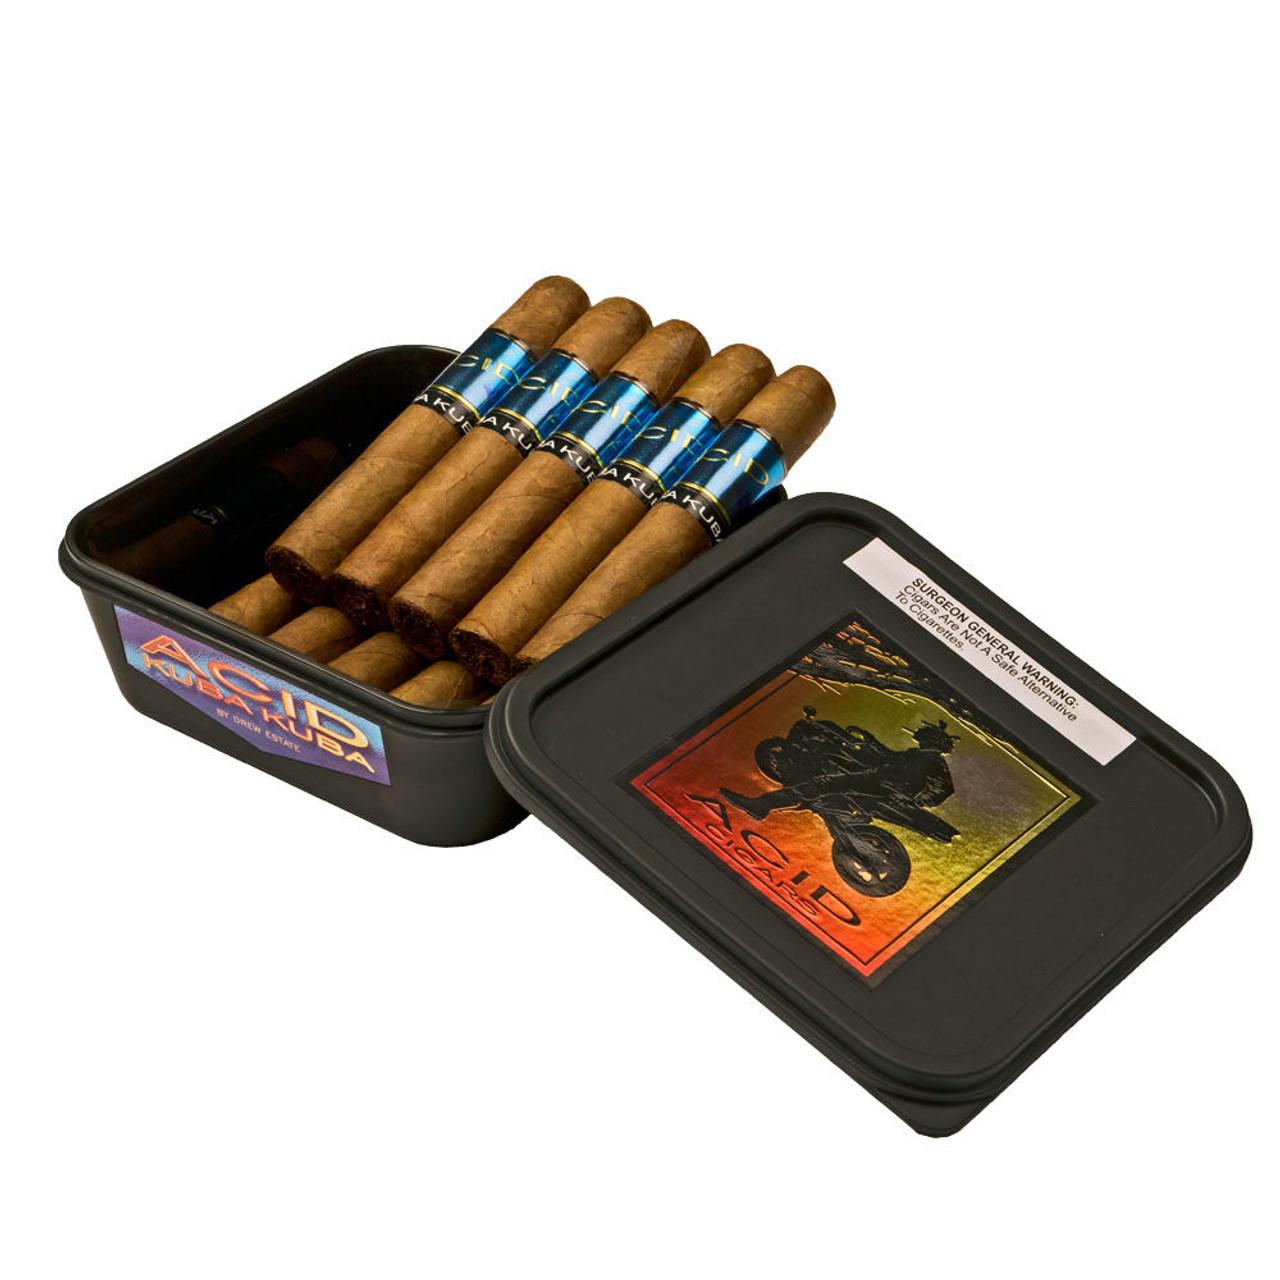 ACID Kuba Kuba 2.0 Cigars - 5 x 54 (Box of 10)